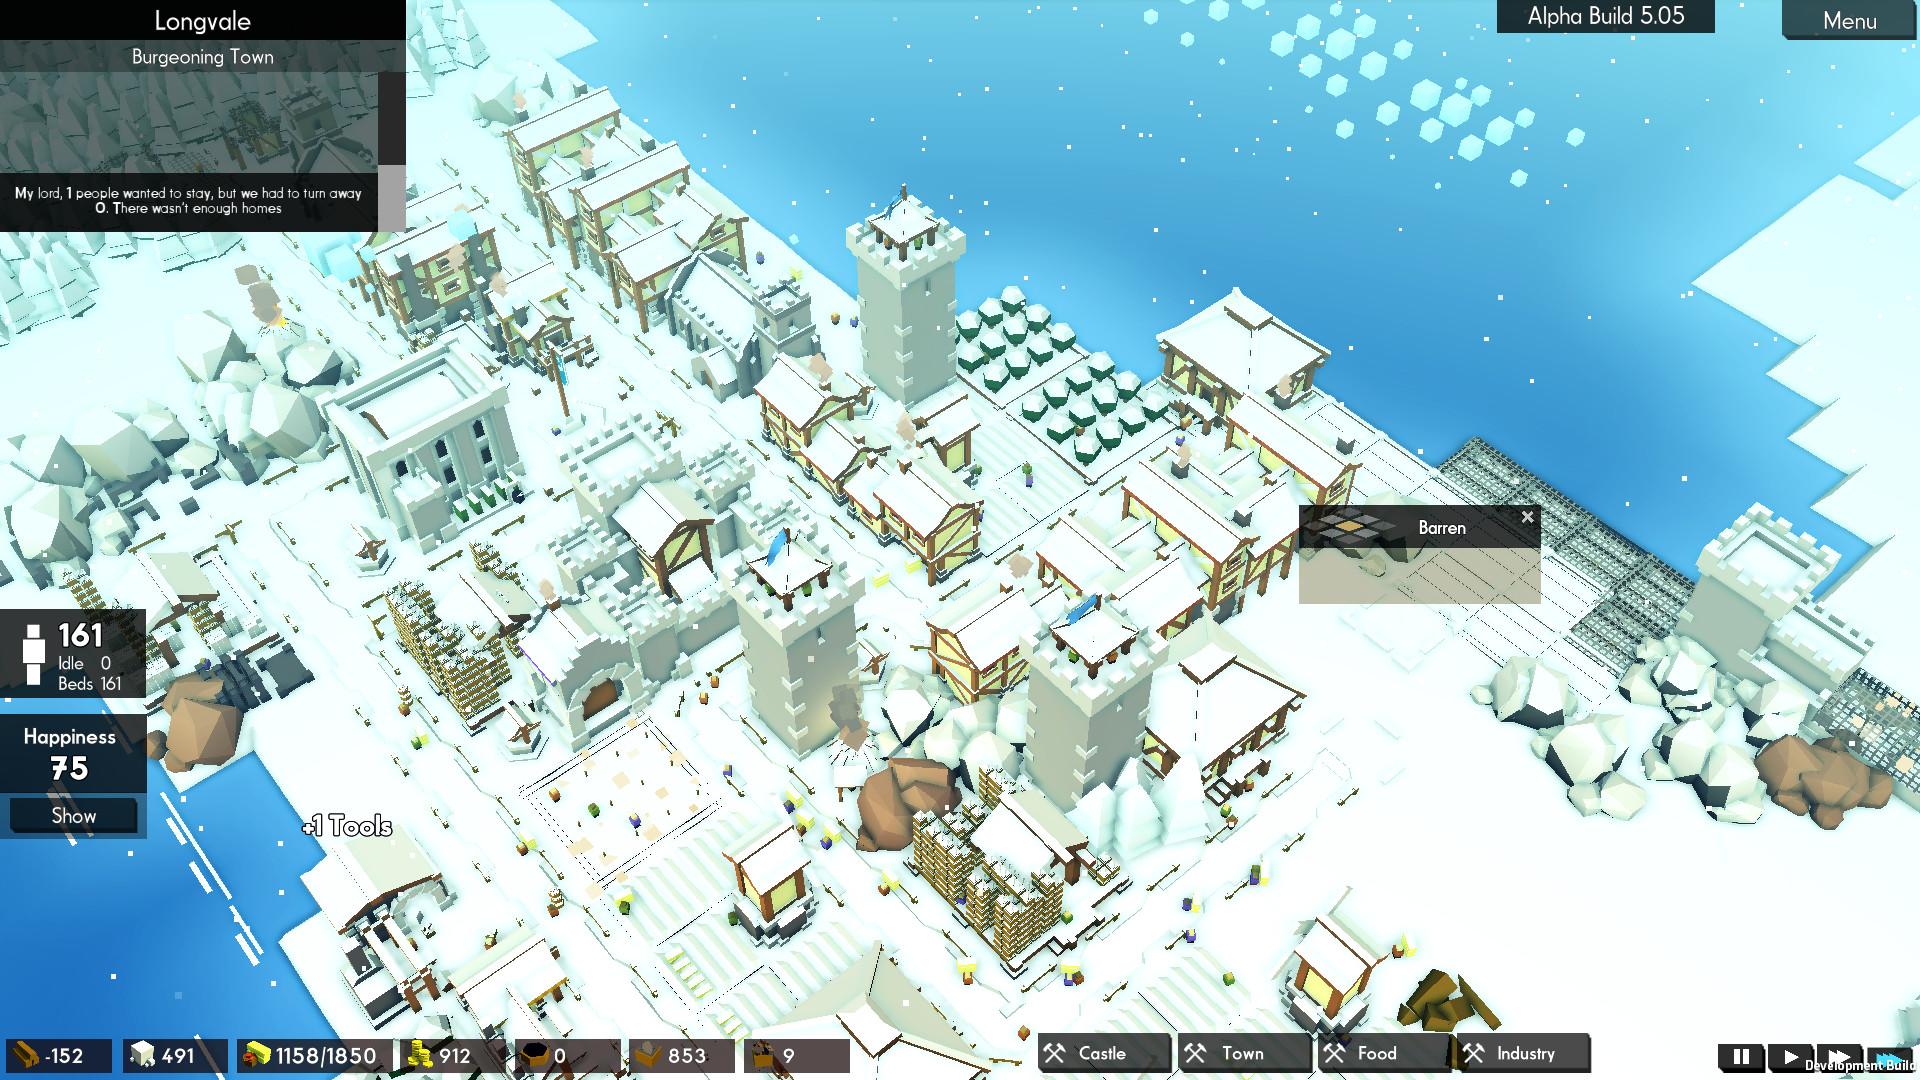 V Kingdoms and Castles budete moci budovat království od 18. července 147261